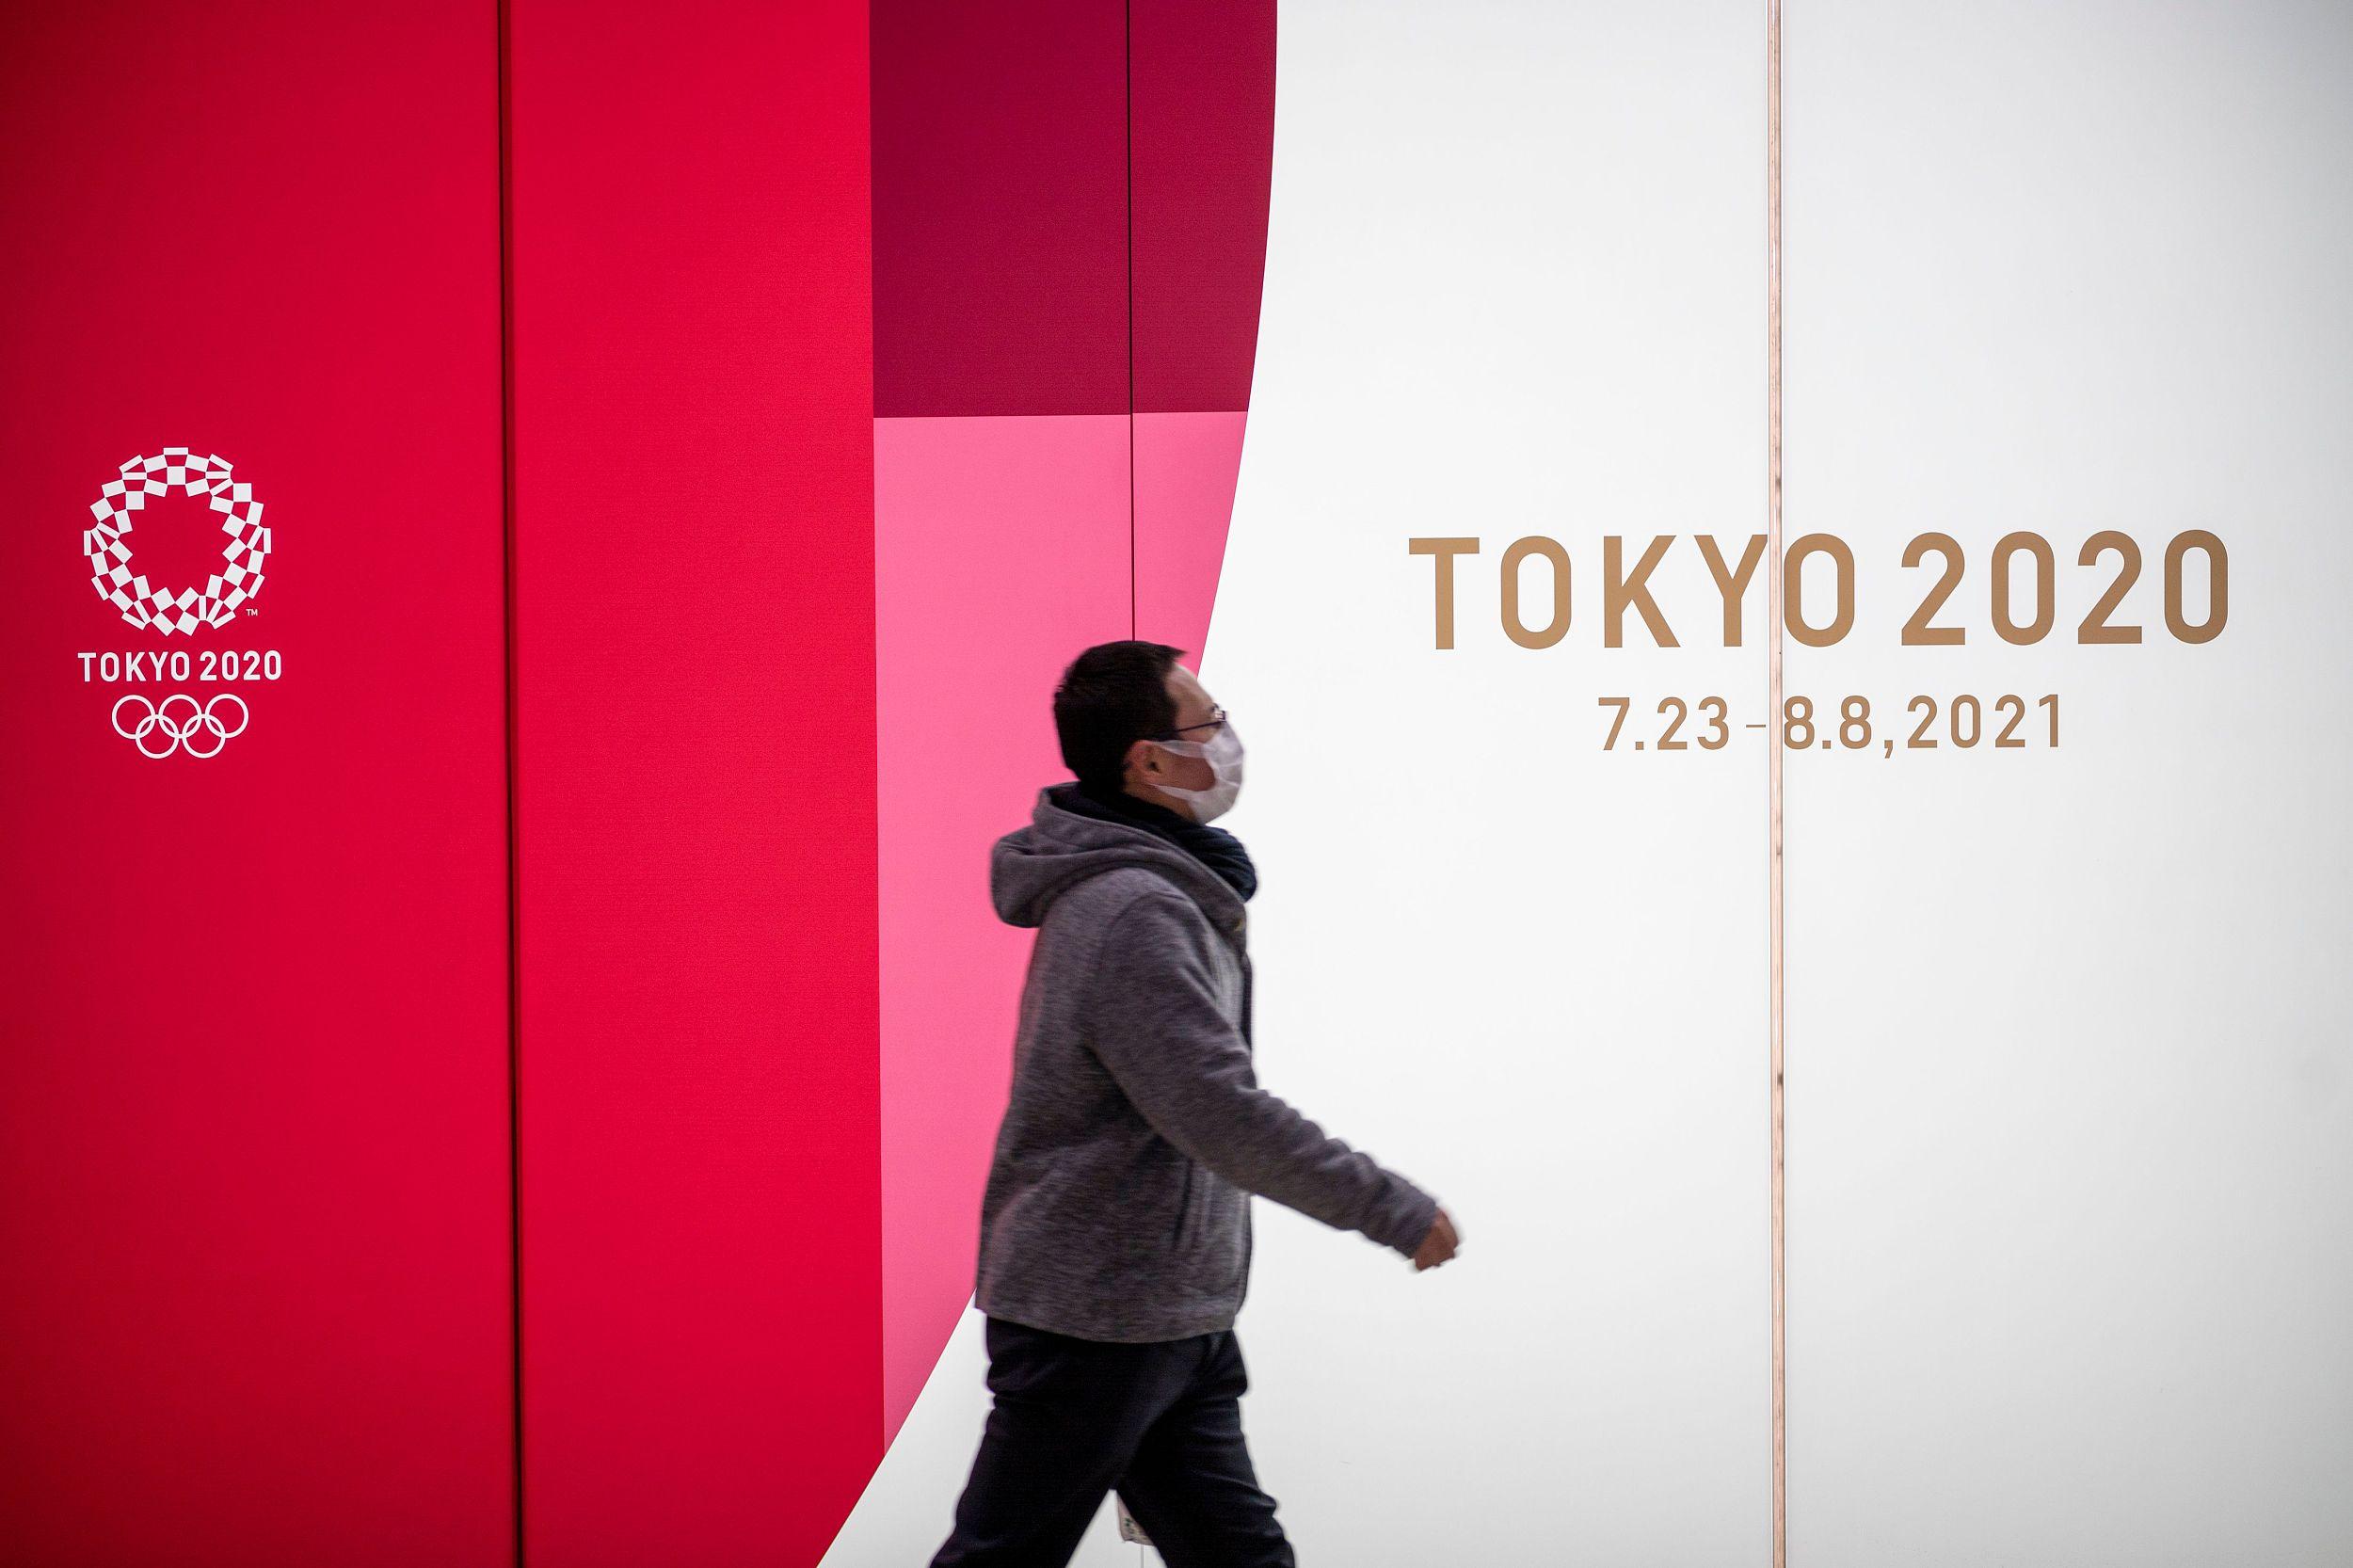 博猫娱乐新闻:东京奥组委:疫情控制到一定程度是举办奥运会的前提